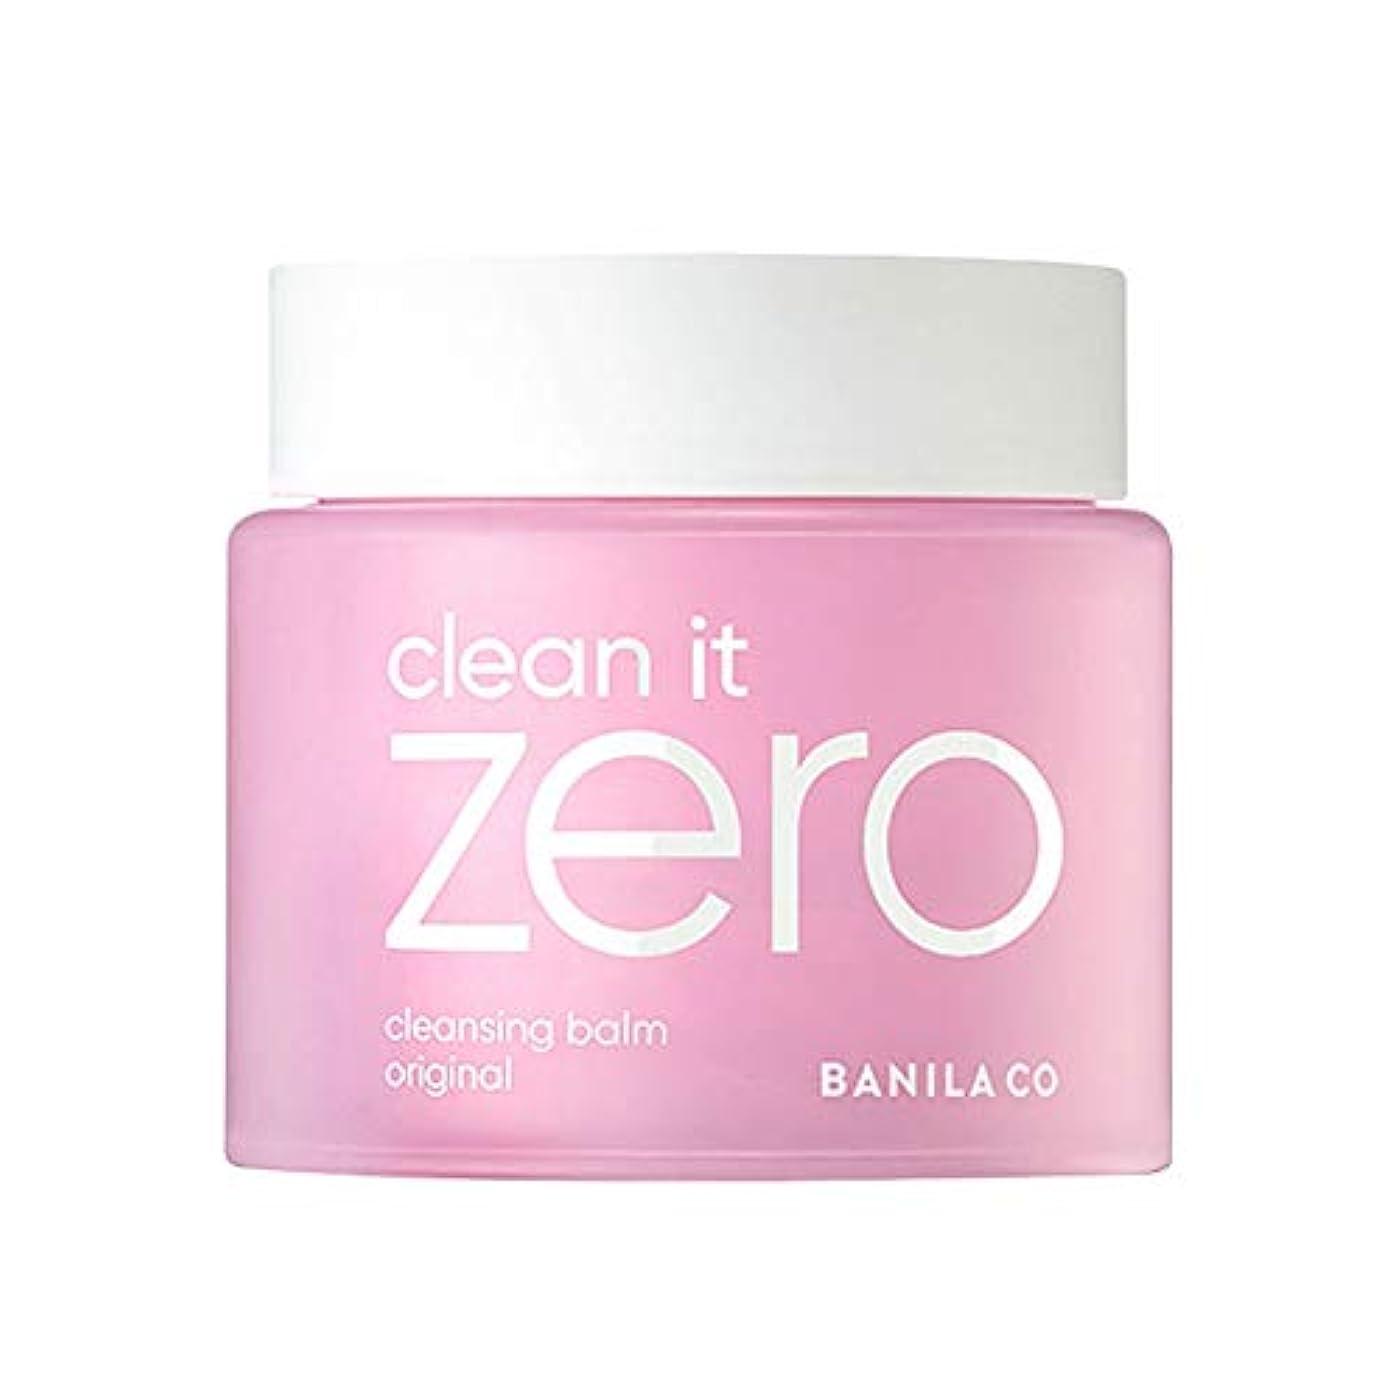 団結するコメントブリードバニラコクリーンイットゼロクレンジングbalmオリジナル180mlクレンジングクリーム、Banila Co Clean It Zero Cleansing Balm Original 180ml [並行輸入品]